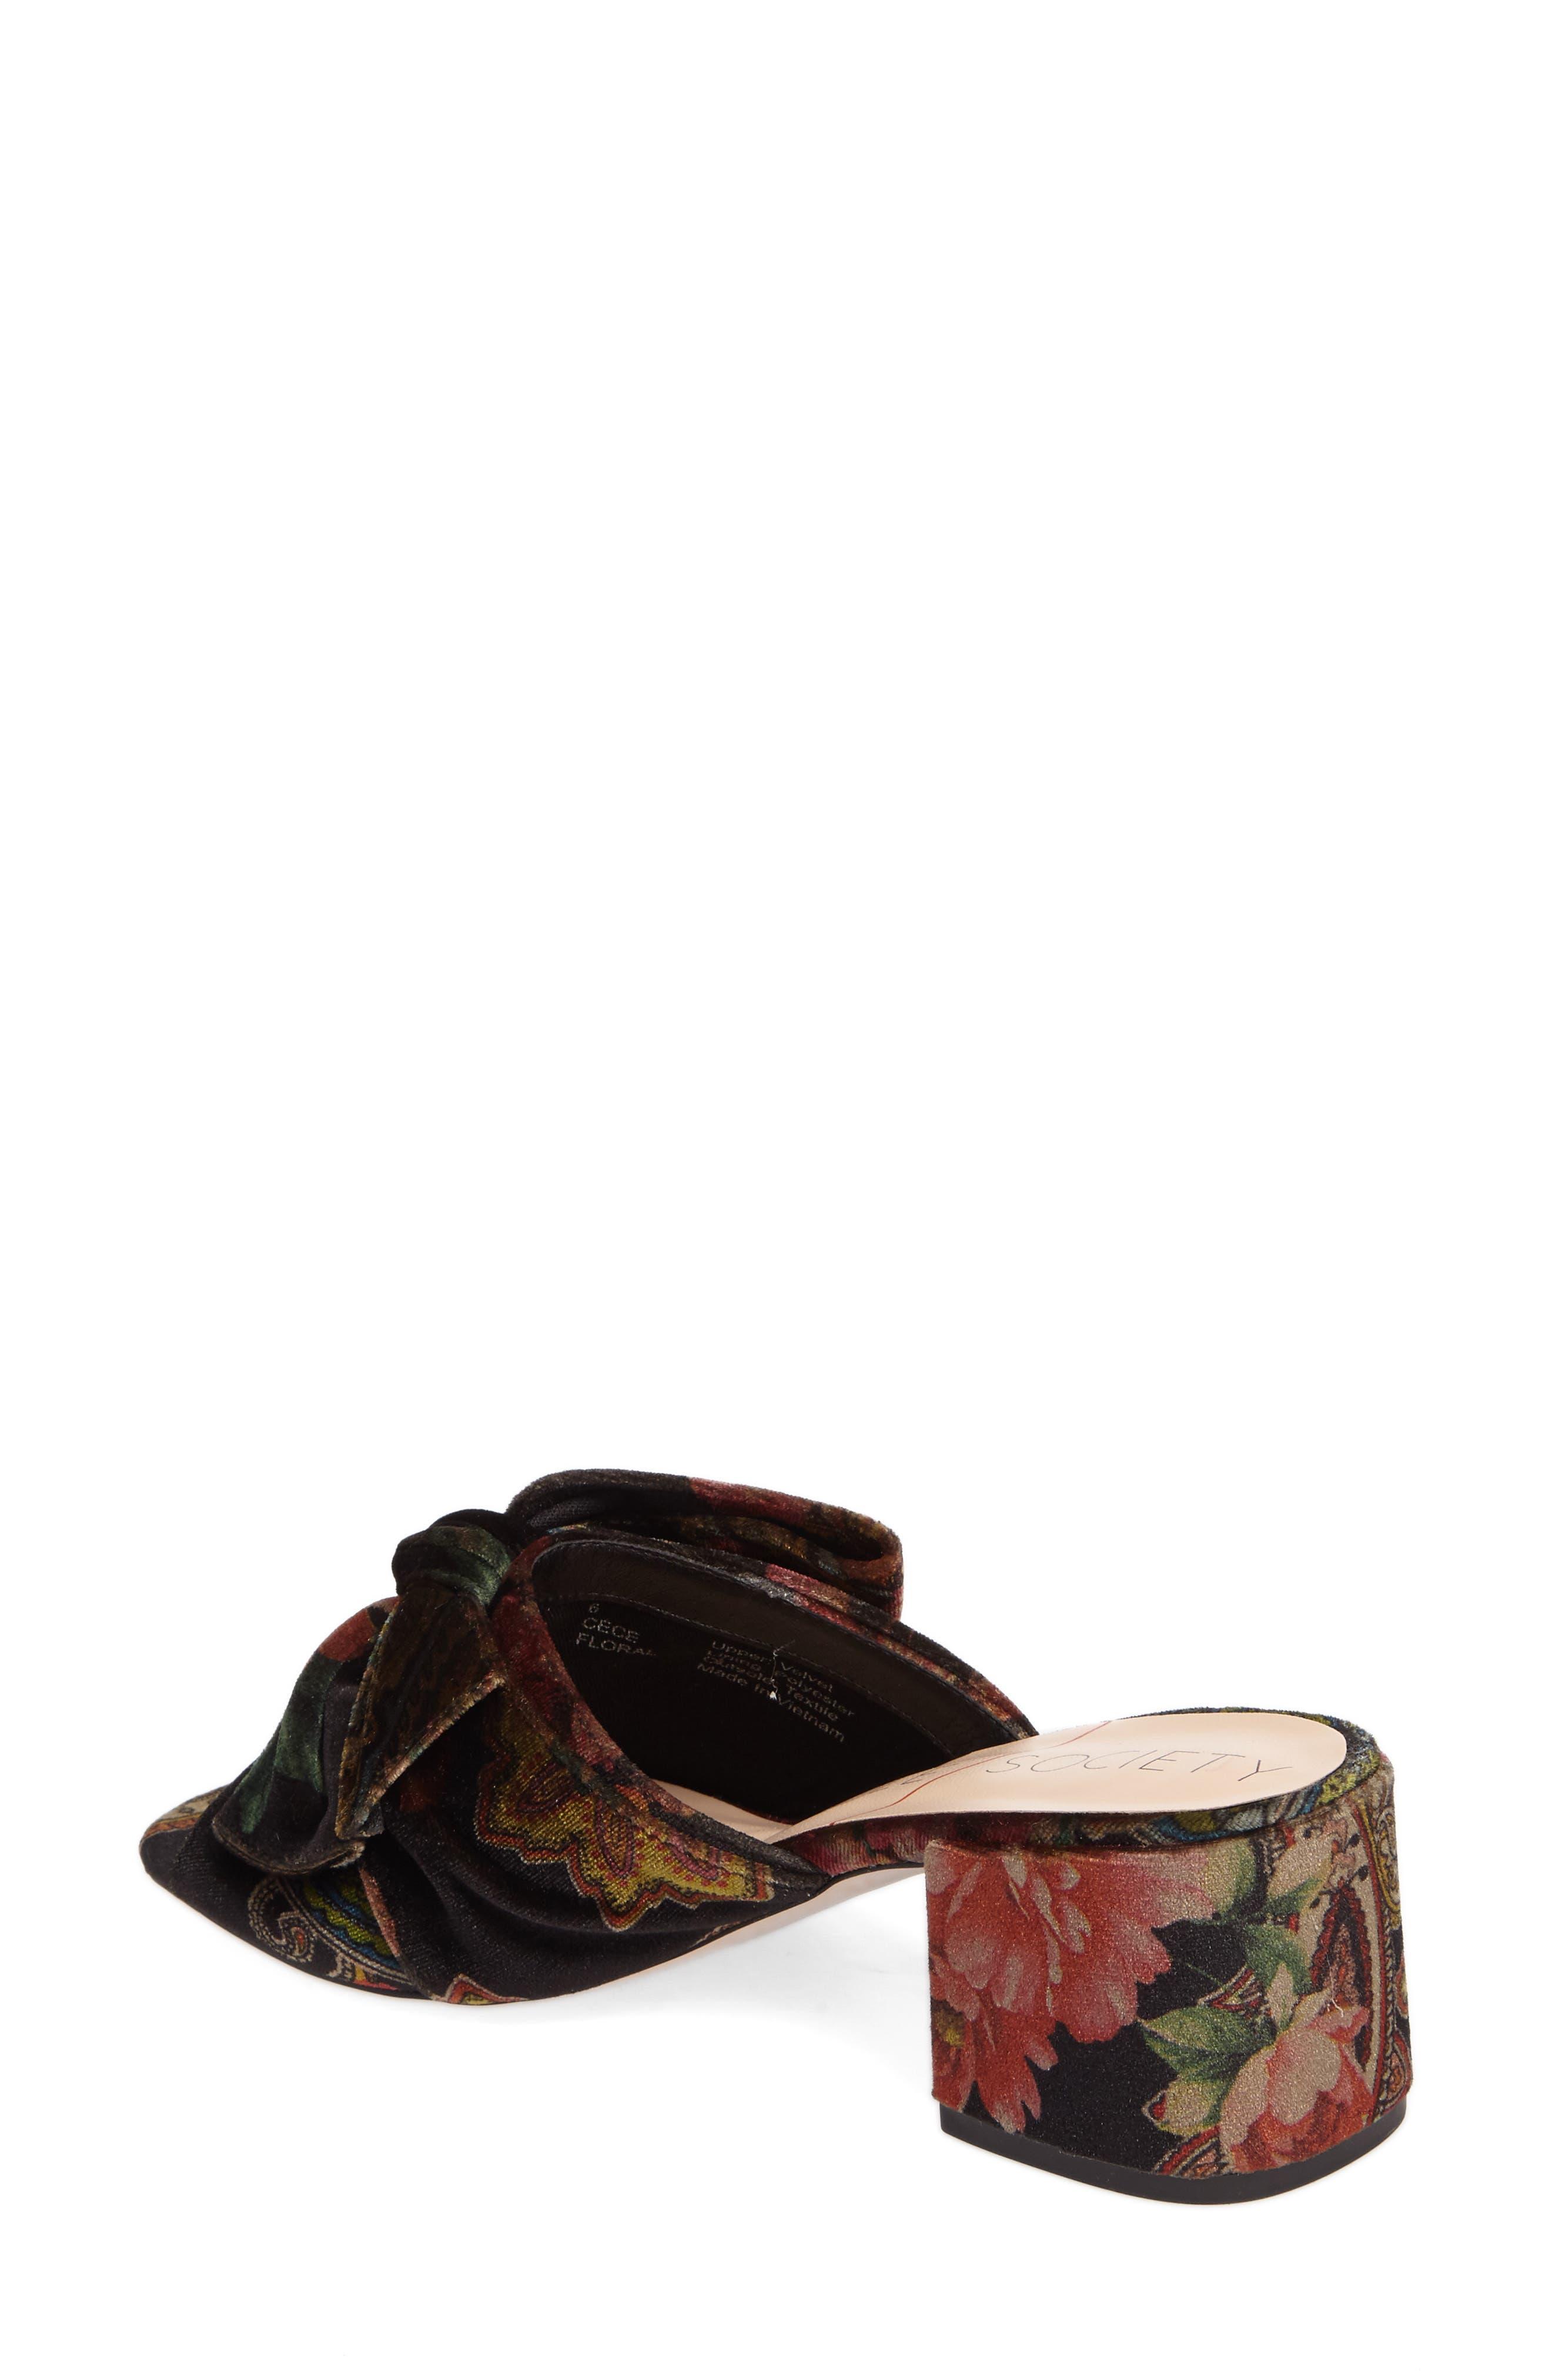 Cece Mule Sandal,                             Alternate thumbnail 3, color,